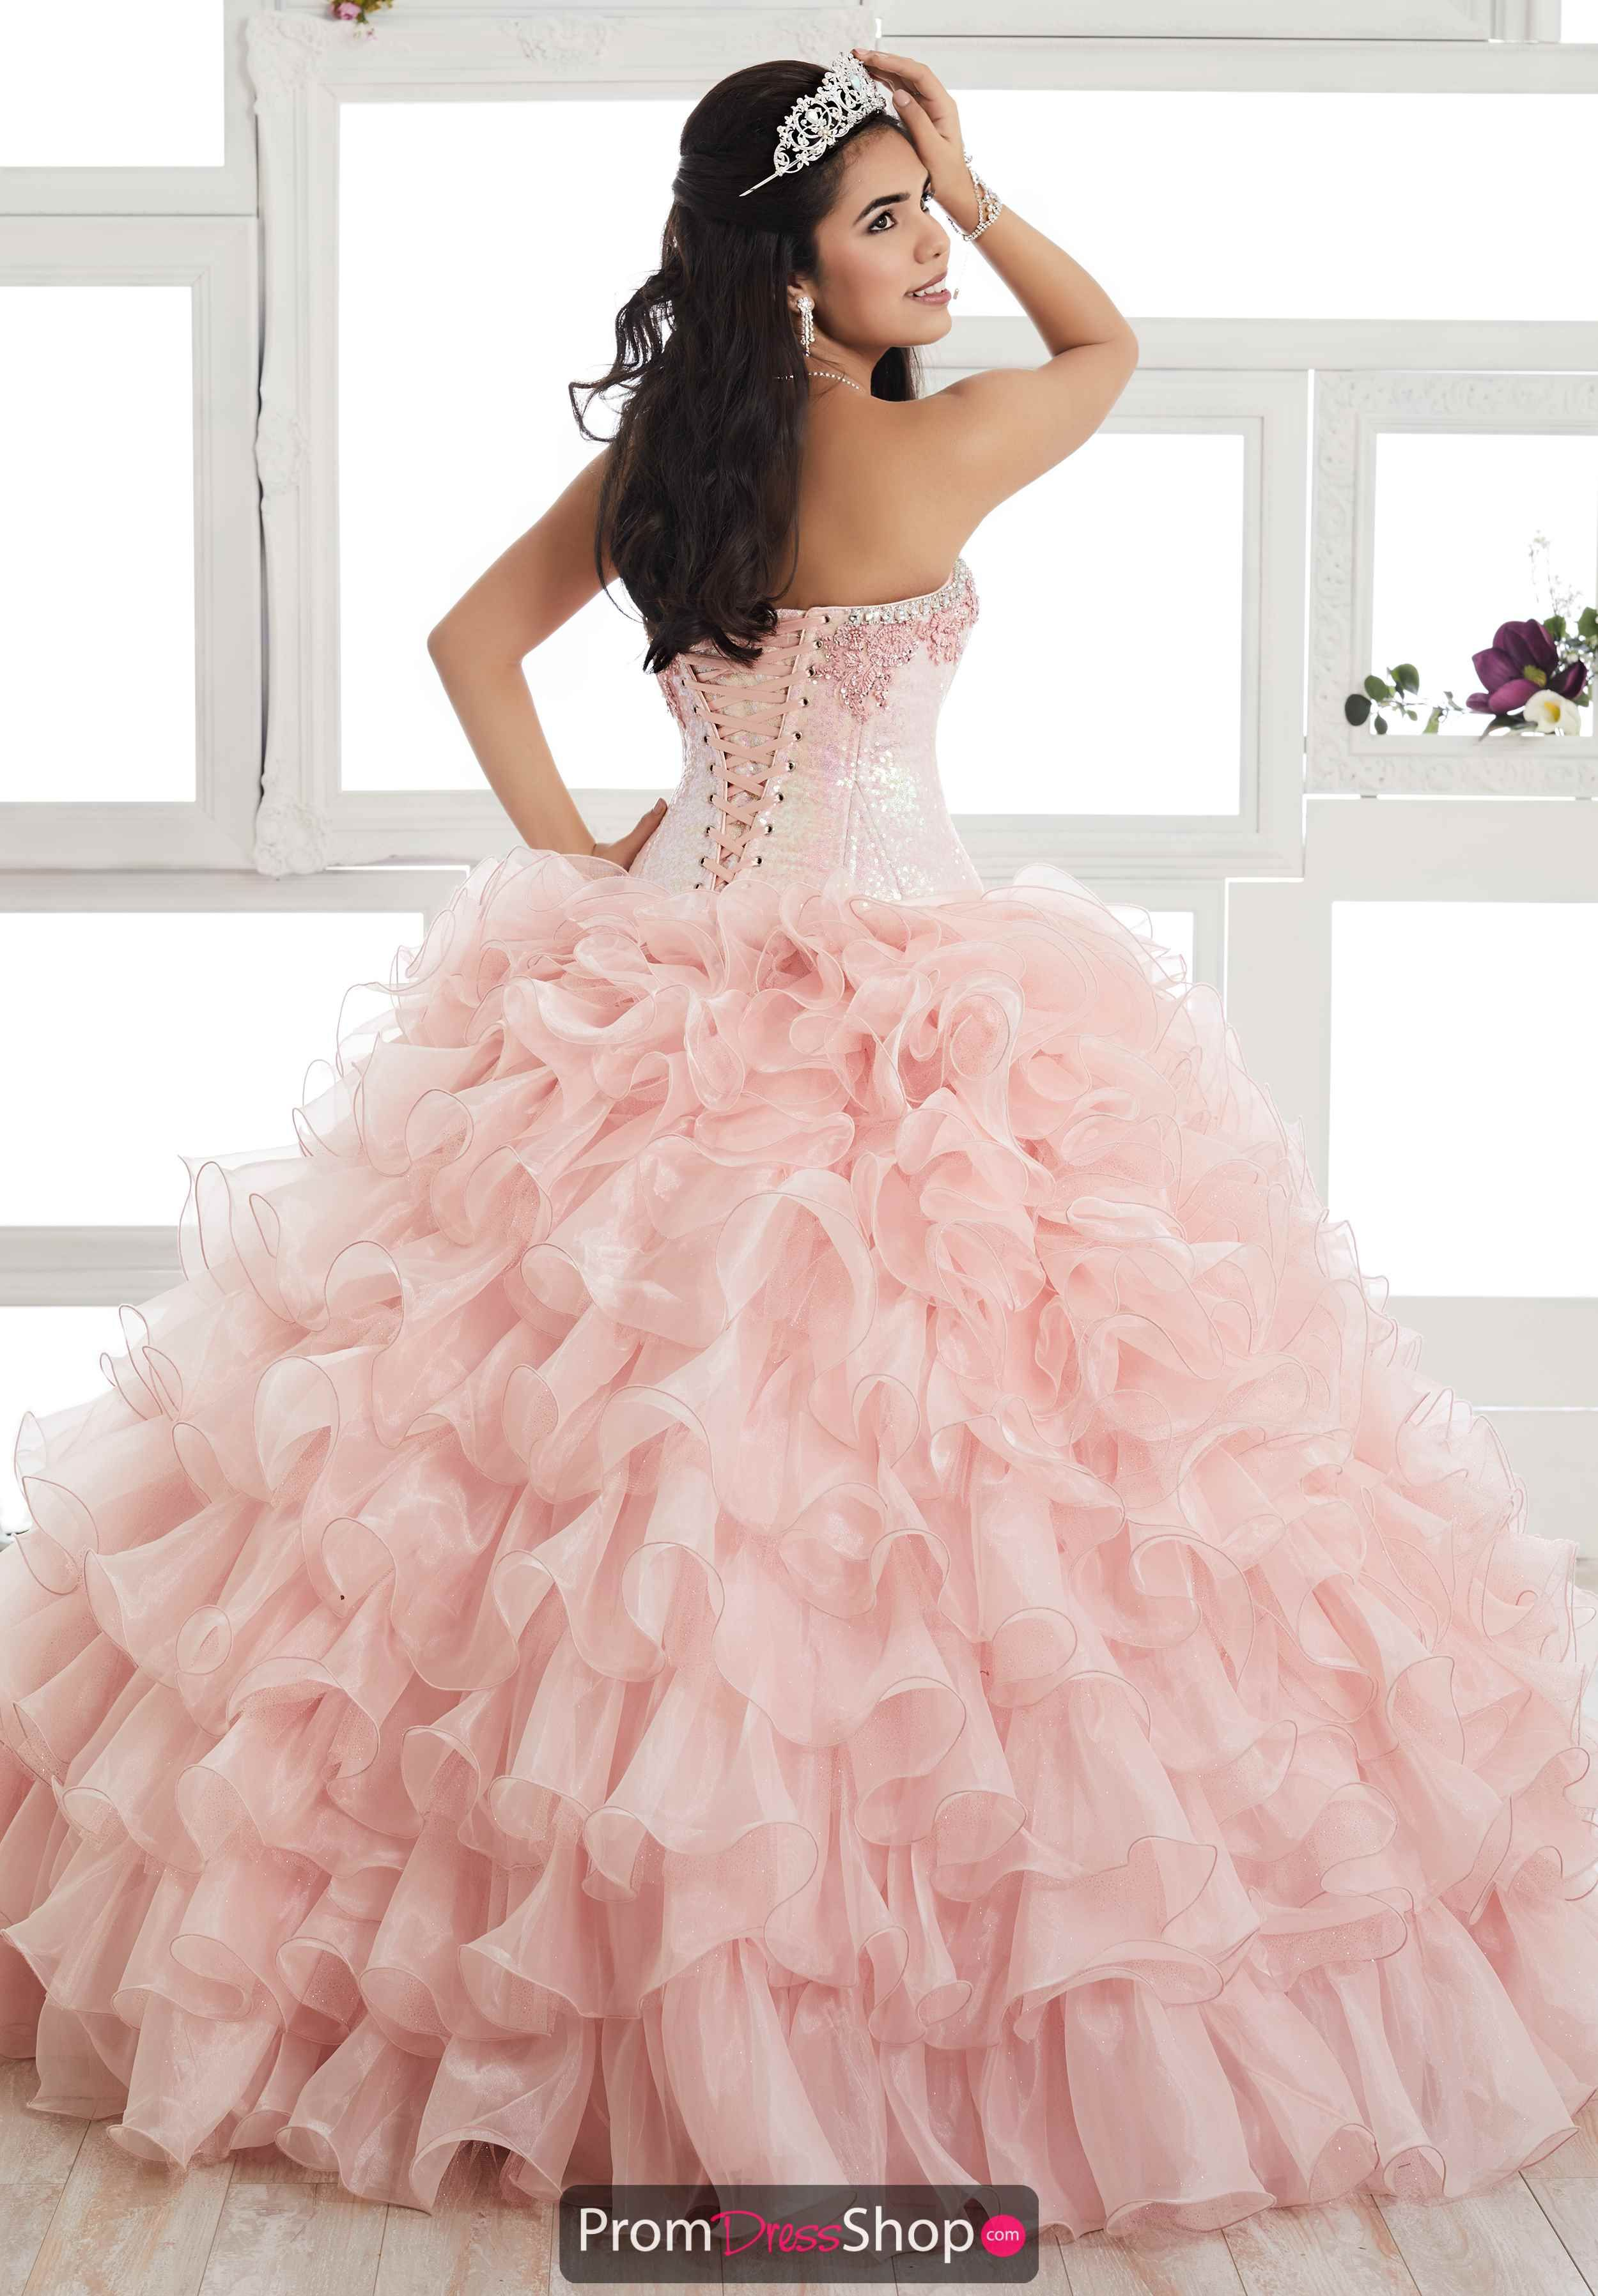 661b0e02 Blush Pink Vestidos Largos Elegantes, Quinceanera Dresses, Faldas, Rubor  Rosa, Corsé,